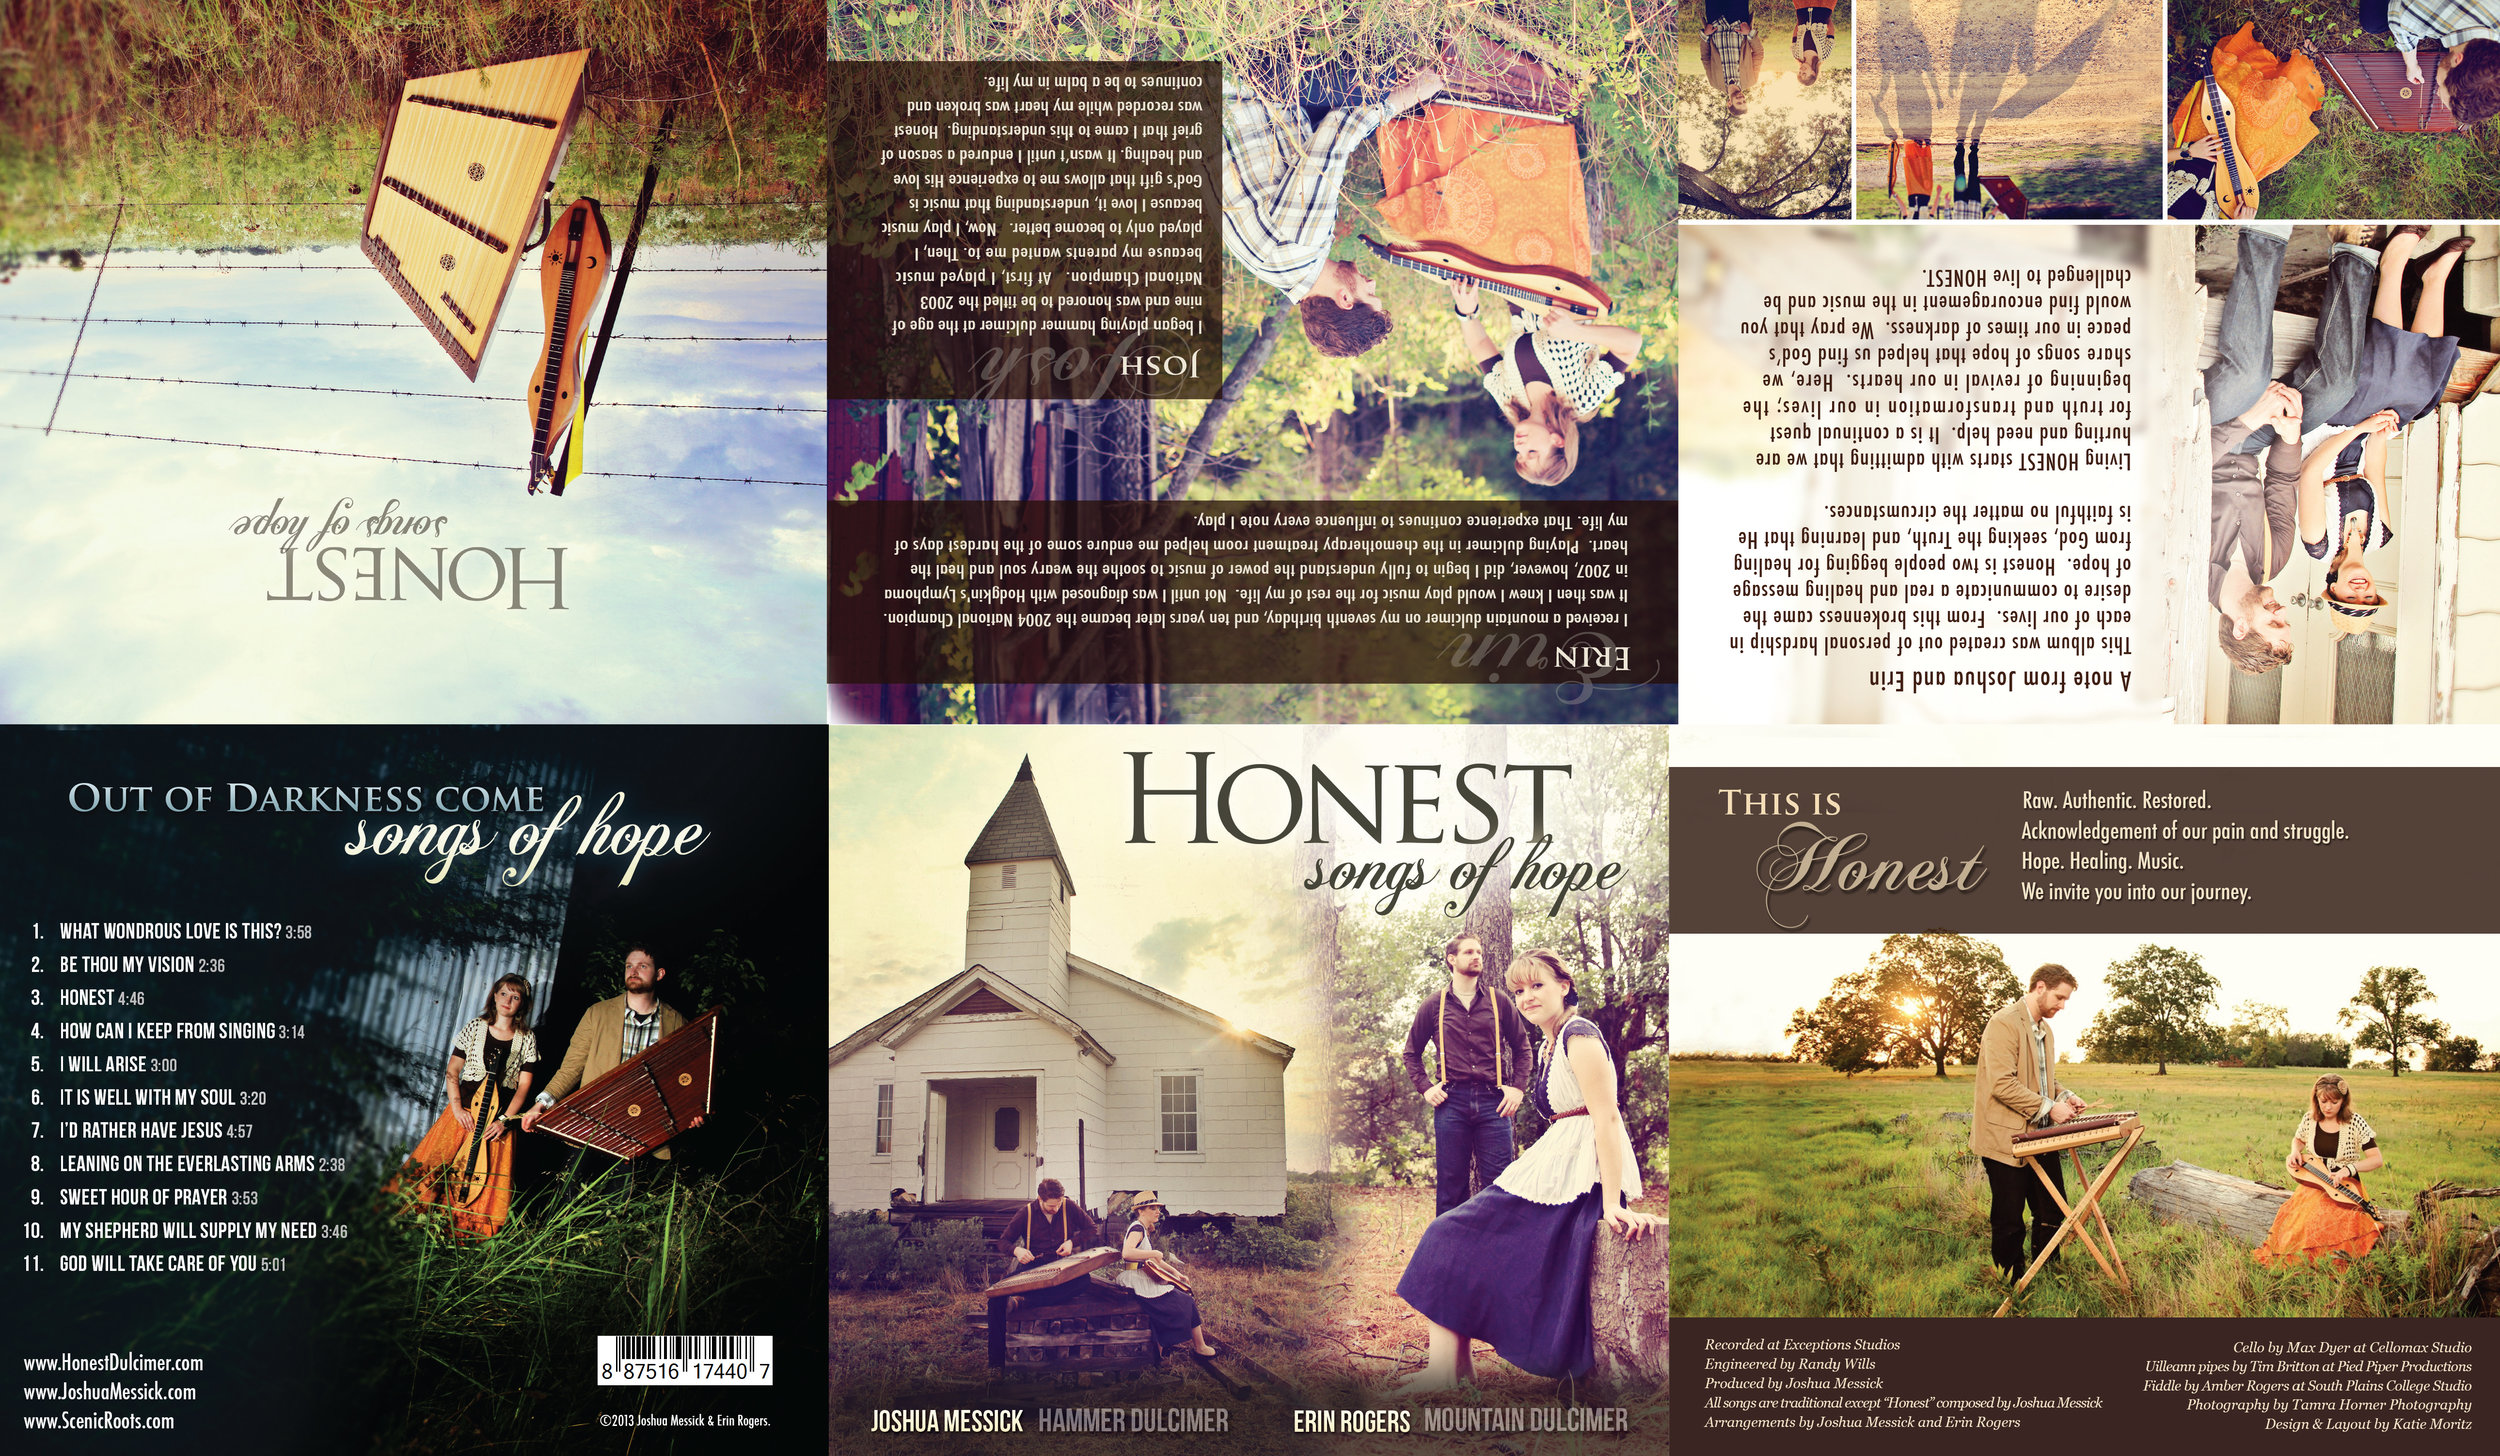 Honest-art-FNL1-23-13.jpg